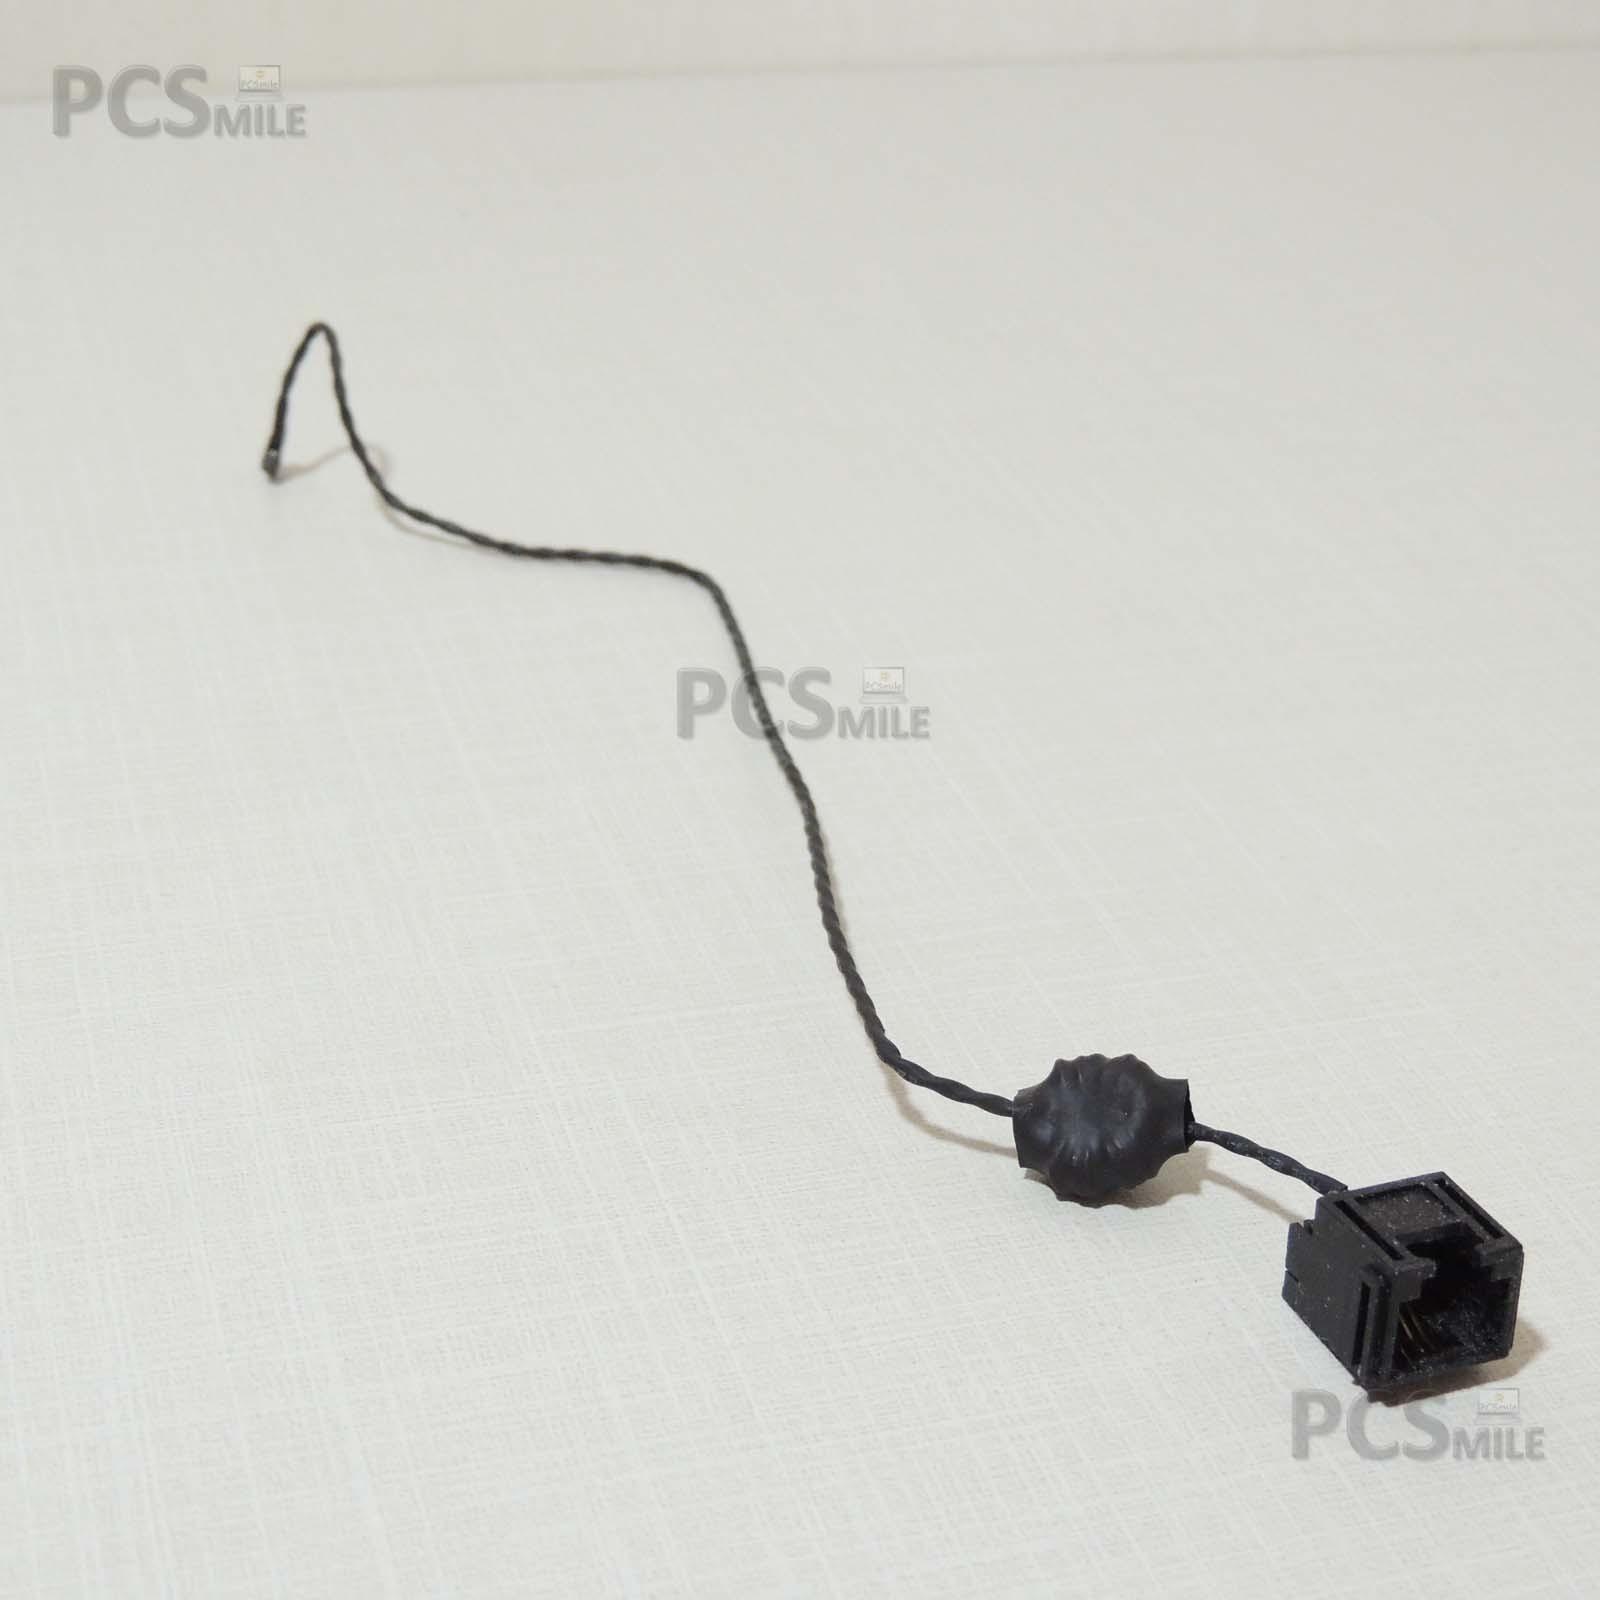 Cavo ethernet Uscita internet Fujitsu Esprimo Mobile V6555 Z17M Cable